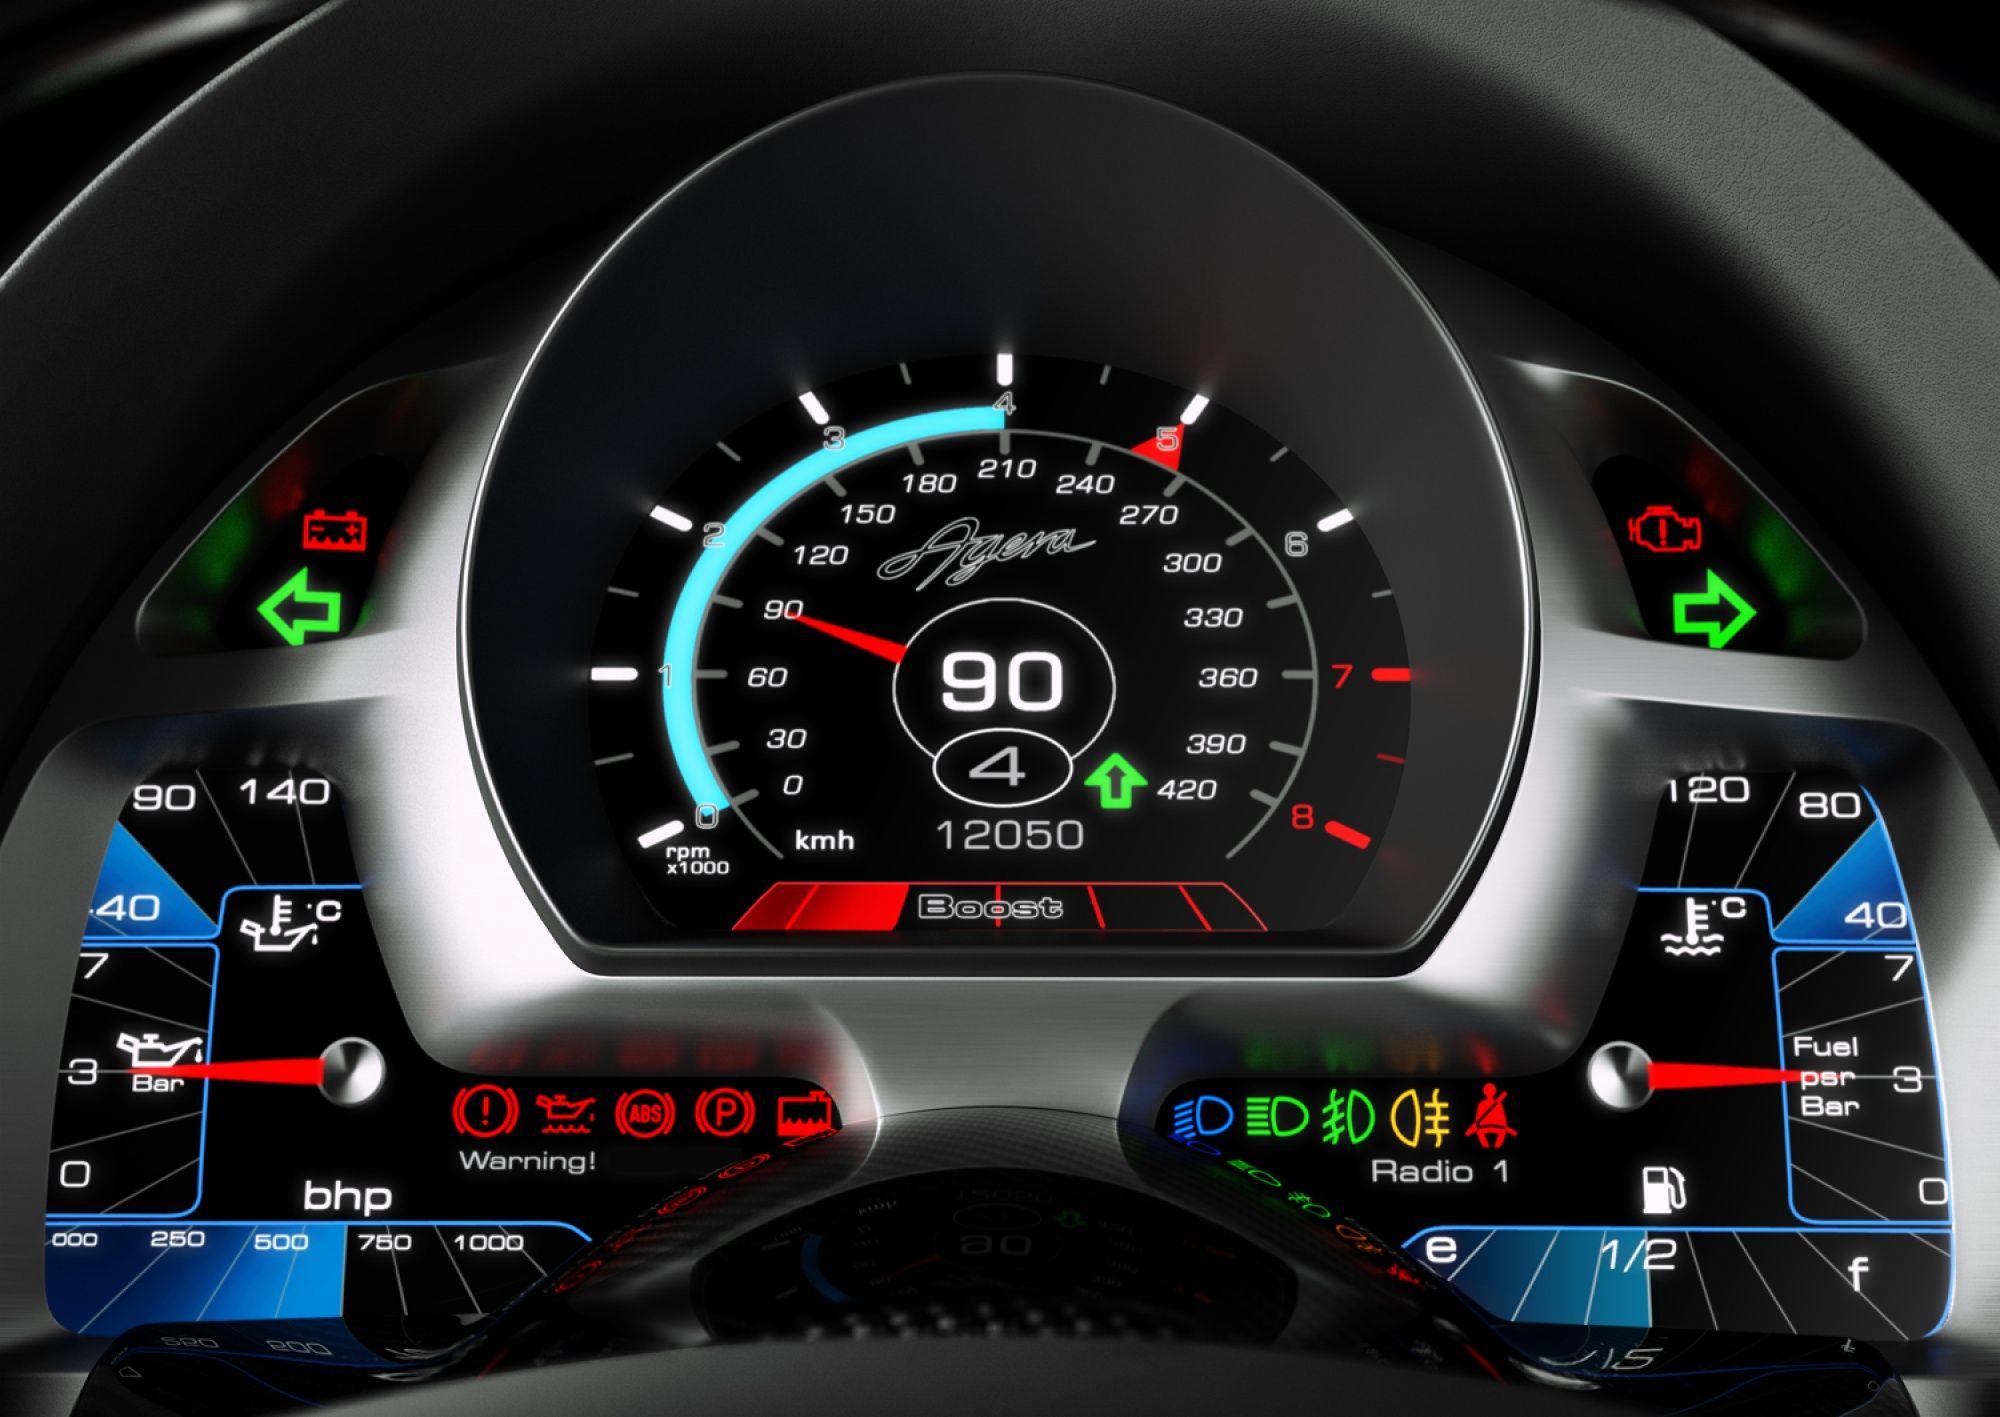 Best Koenigsegg Images On Pinterest Koenigsegg Car And